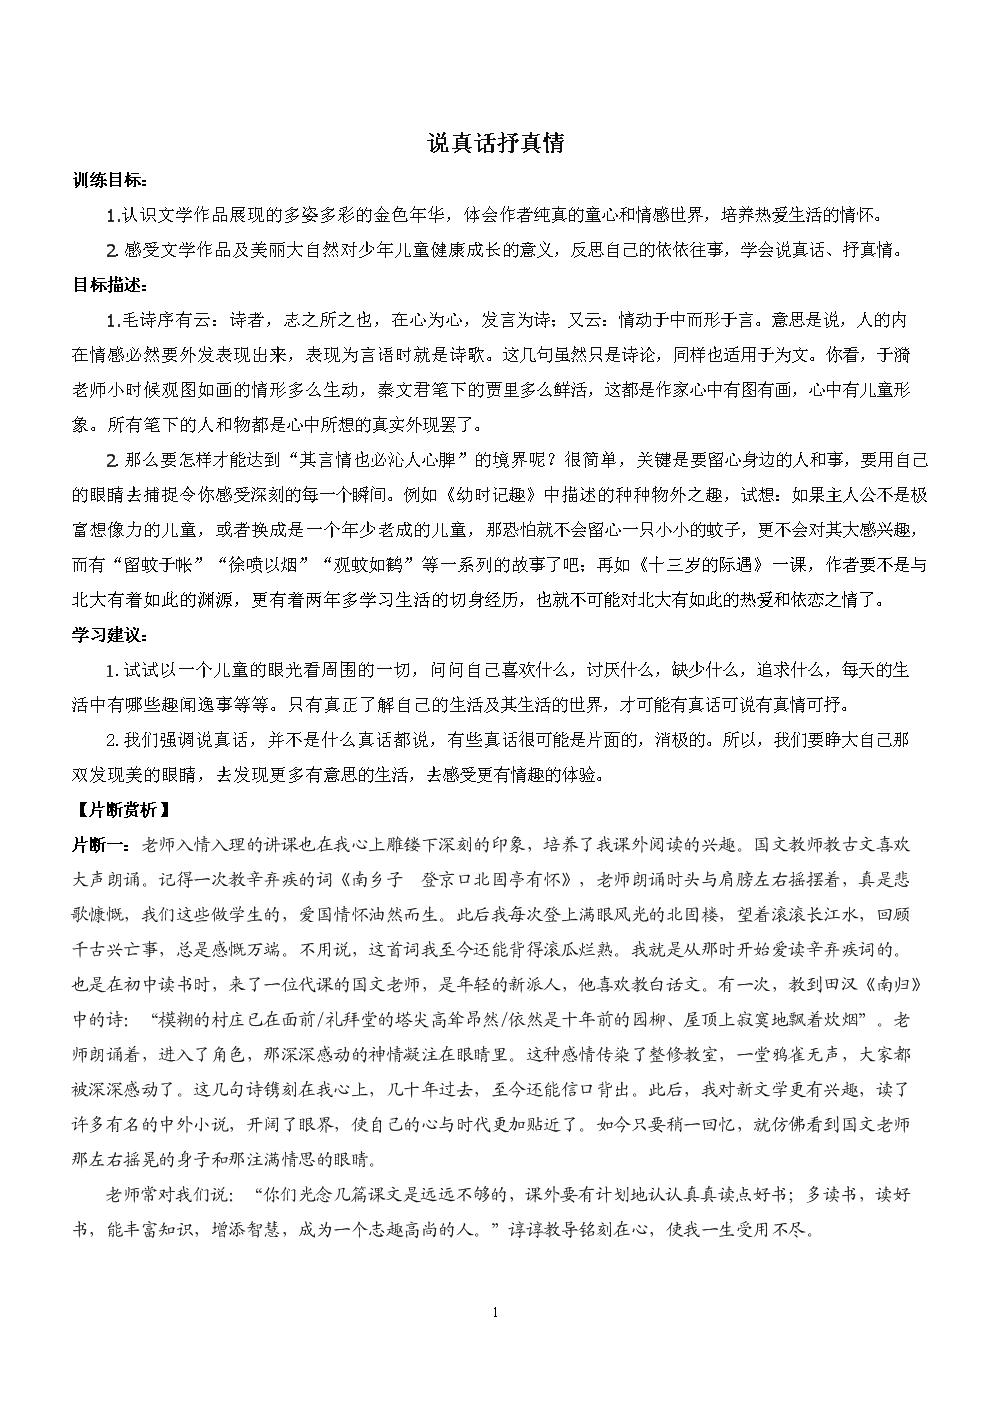 关于夏令营的英语作文